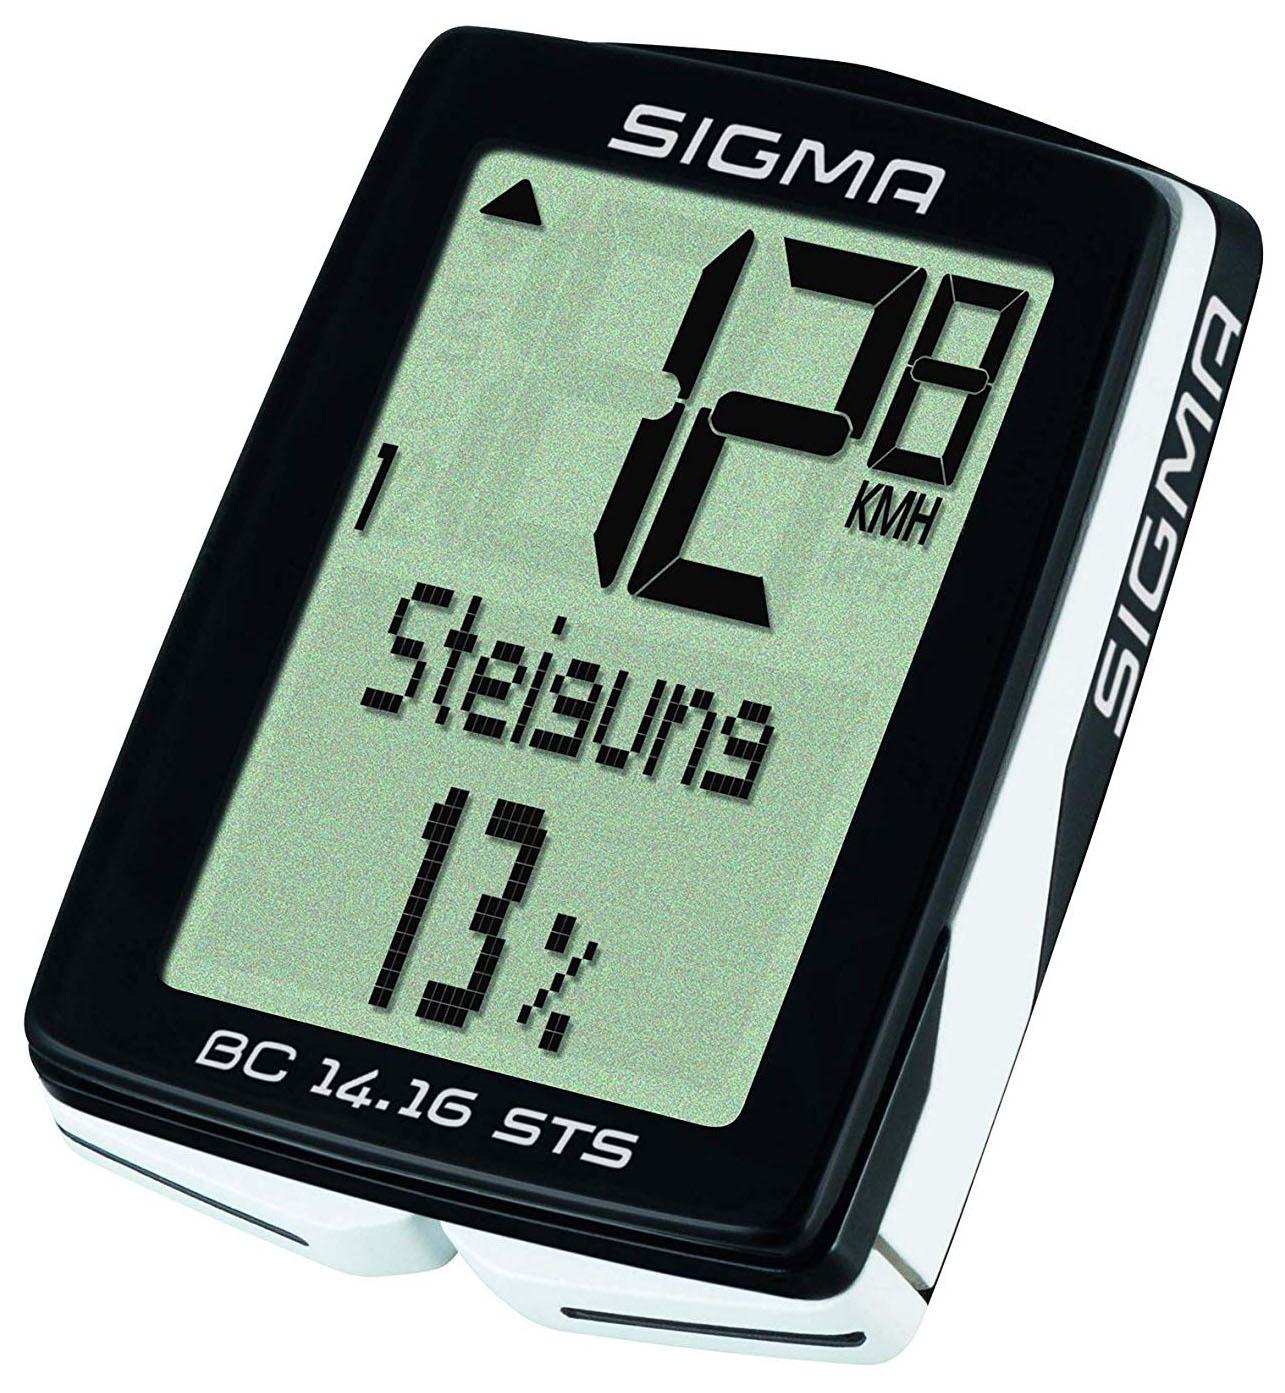 SIGMA  Fahrradcomputer BC 14.16 STS schwarz 01417 schwarz,01417